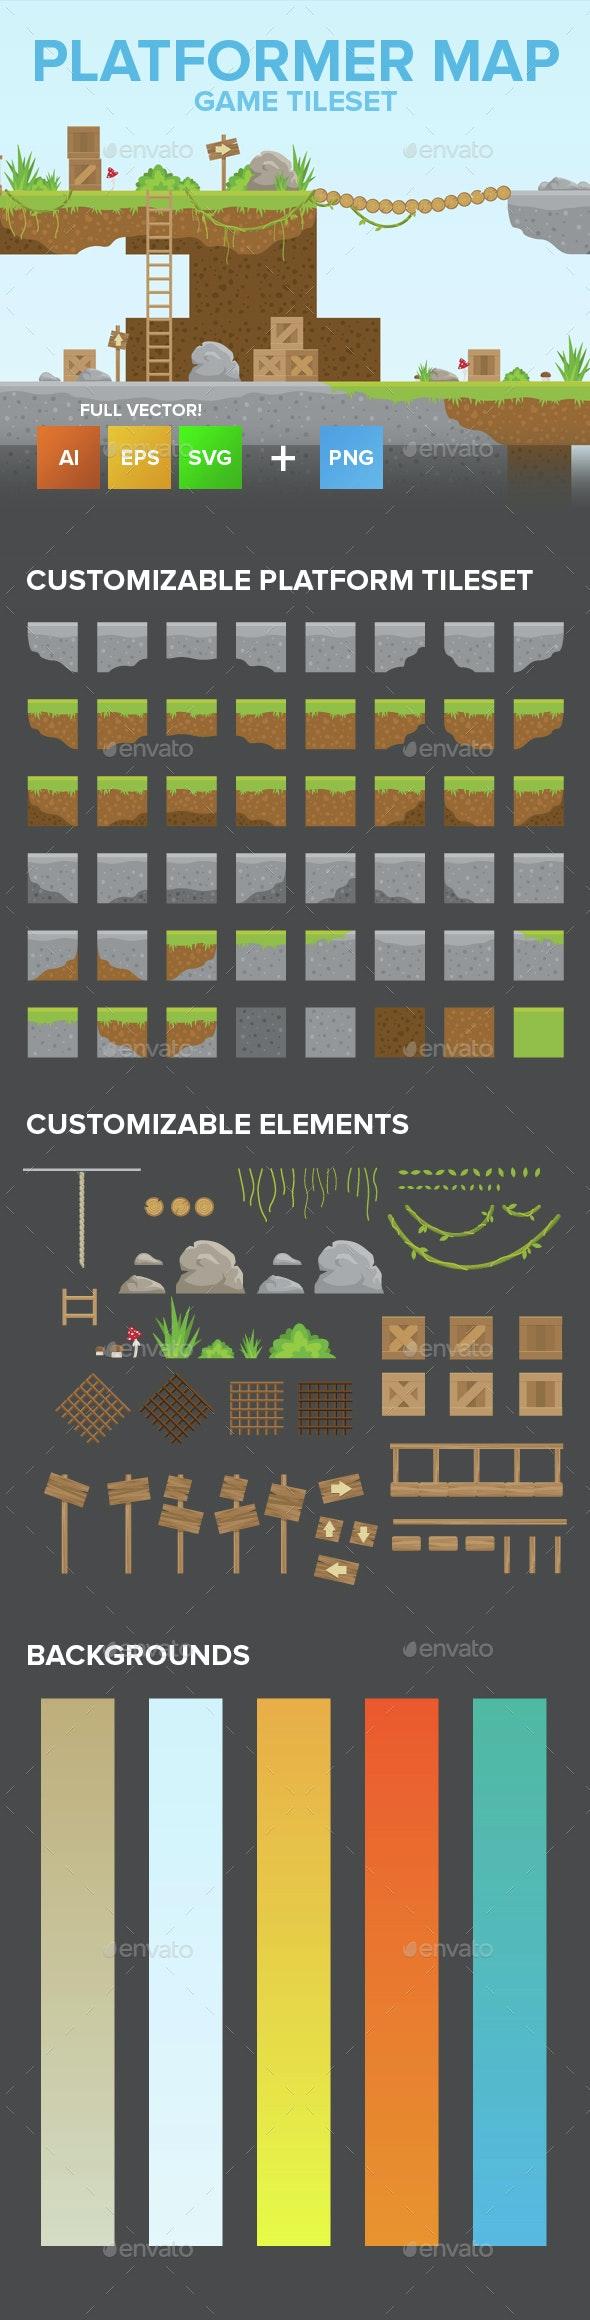 2D Game Platformer Tilesets